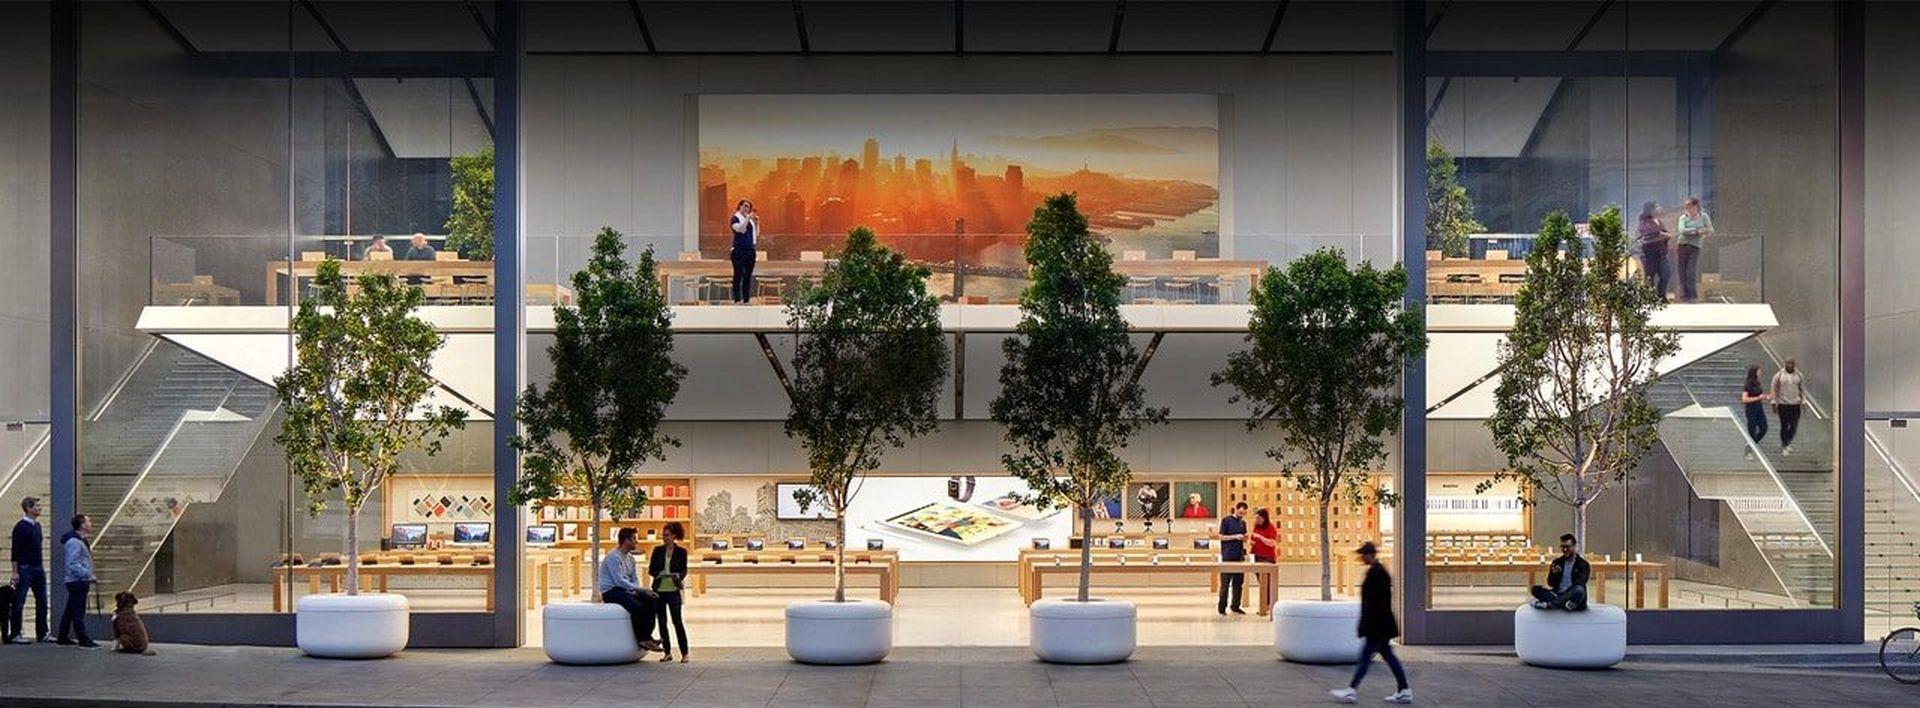 Firma Apple ogłosi 30 lipca wyniki finansowe za 3 kwartał 2020 roku